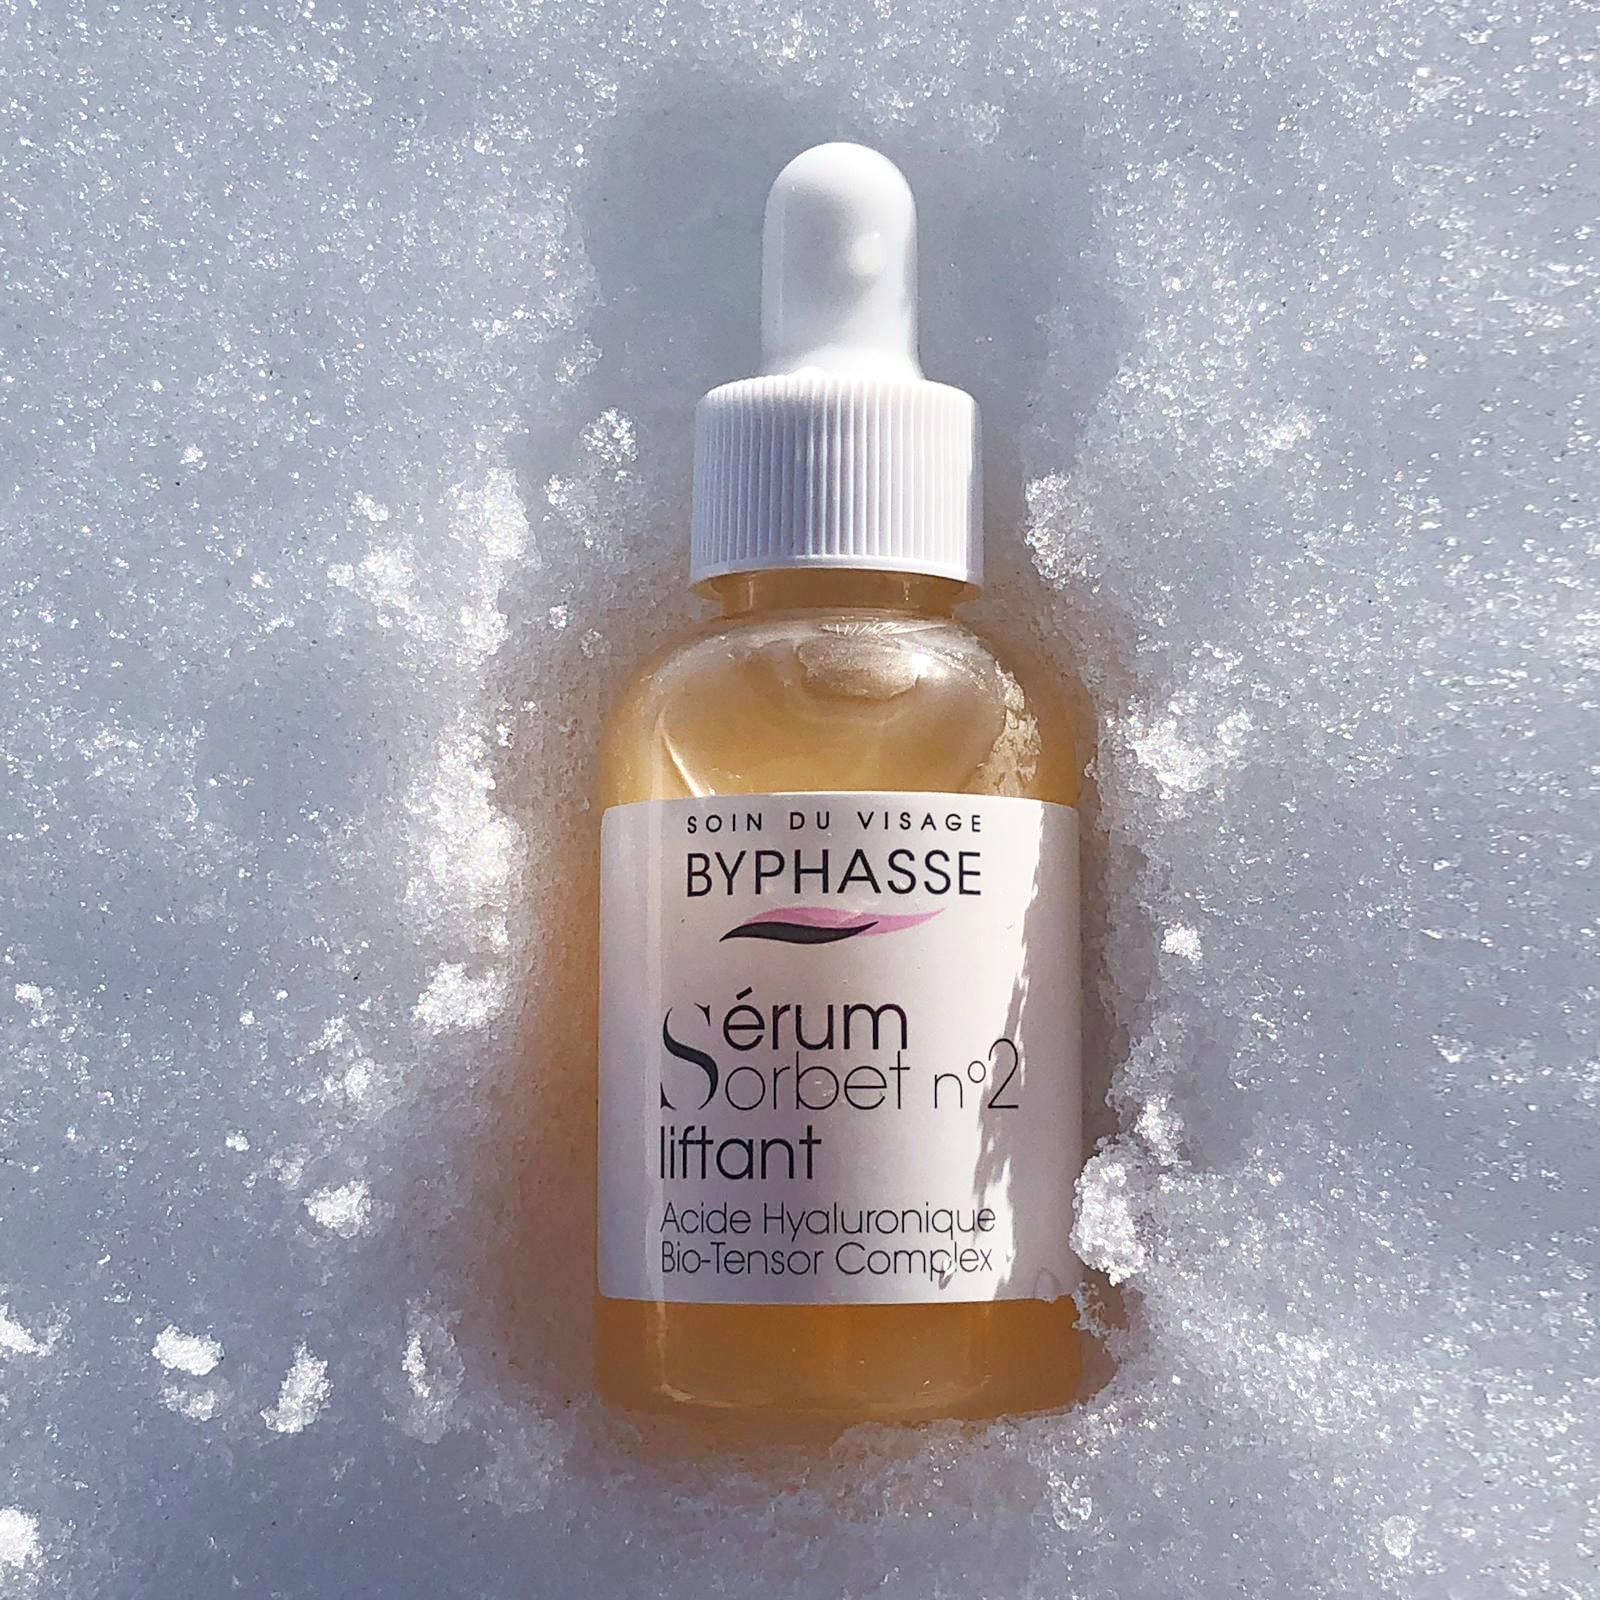 Tinh chất Serum căng da chống lão hóa Byphasse